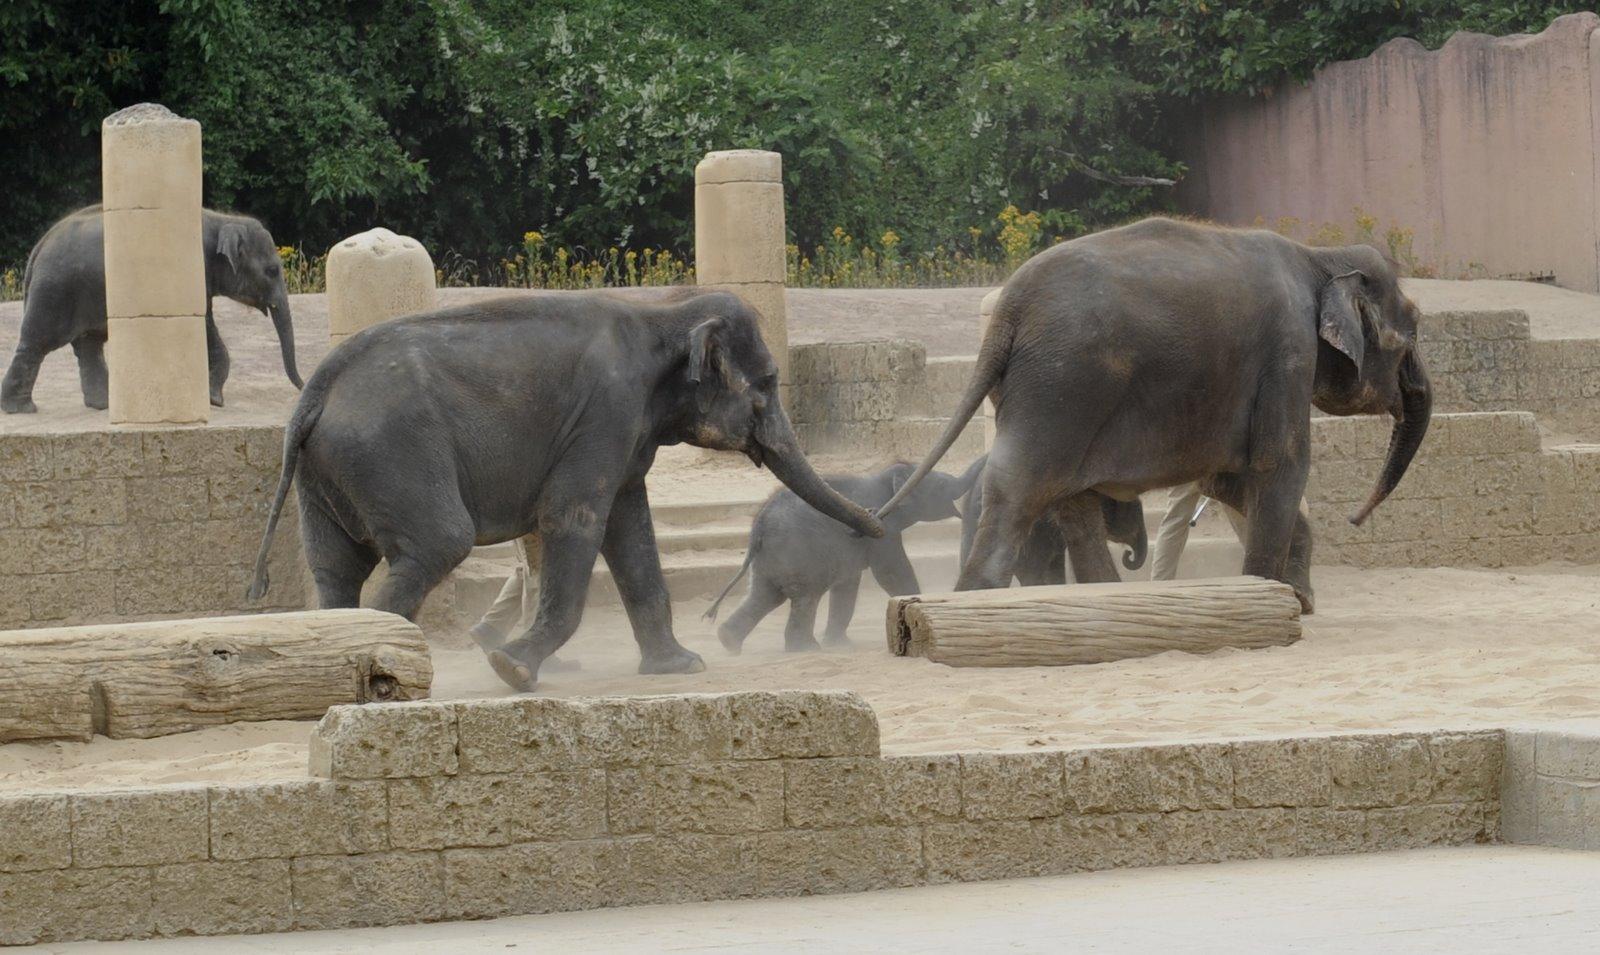 elefanten im zoo hannover jessis elefanten. Black Bedroom Furniture Sets. Home Design Ideas